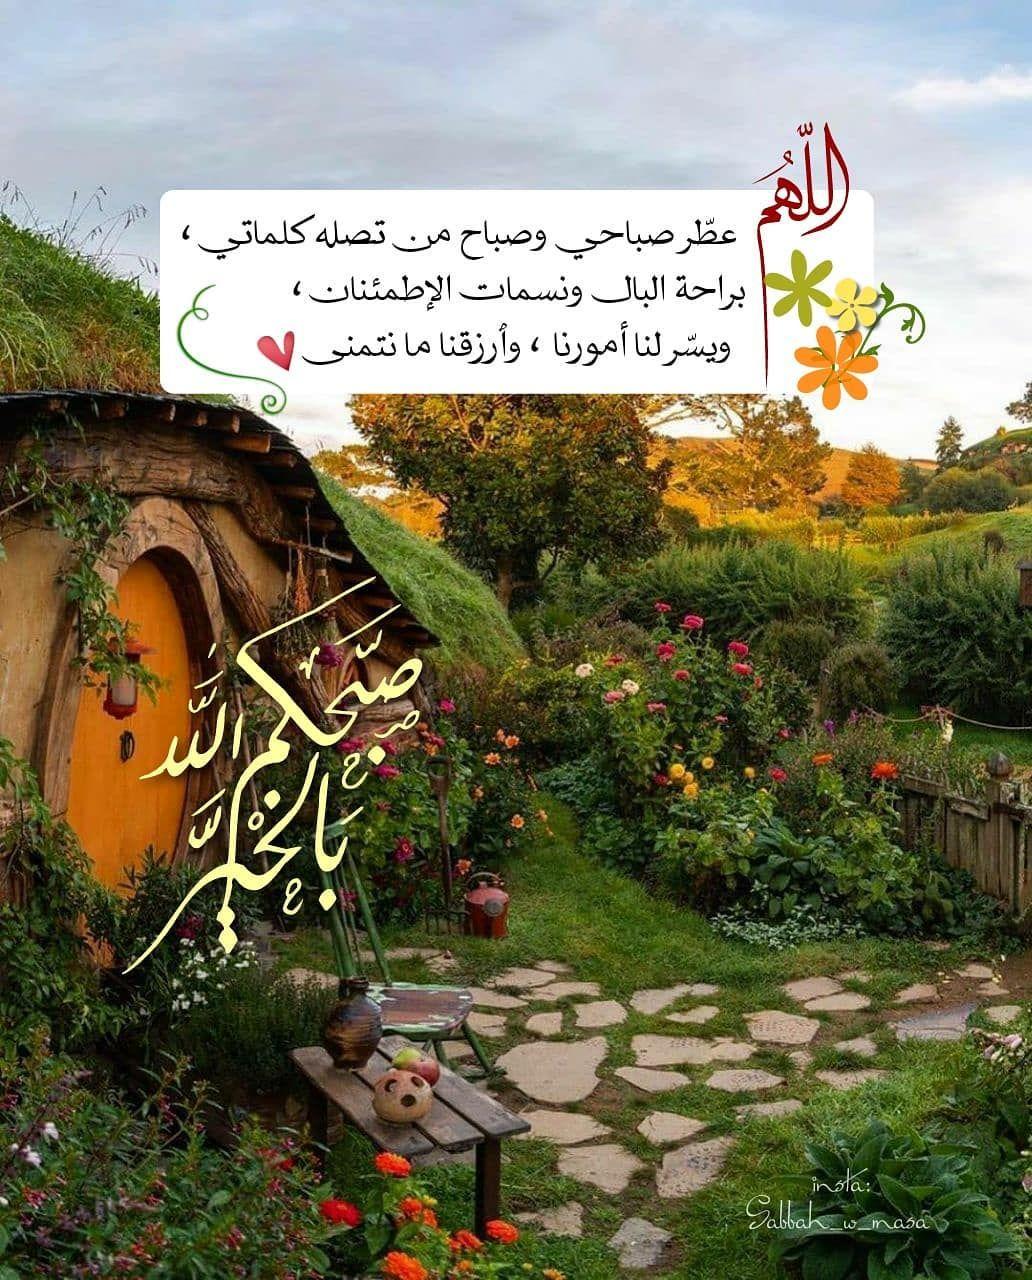 صبح و مساء Sabbah W Masa Posted On Instagram اللهم عط ر صباحي وصباح من تصله Happy Birthday Wishes Cards Morning Images Happy Birthday Wishes